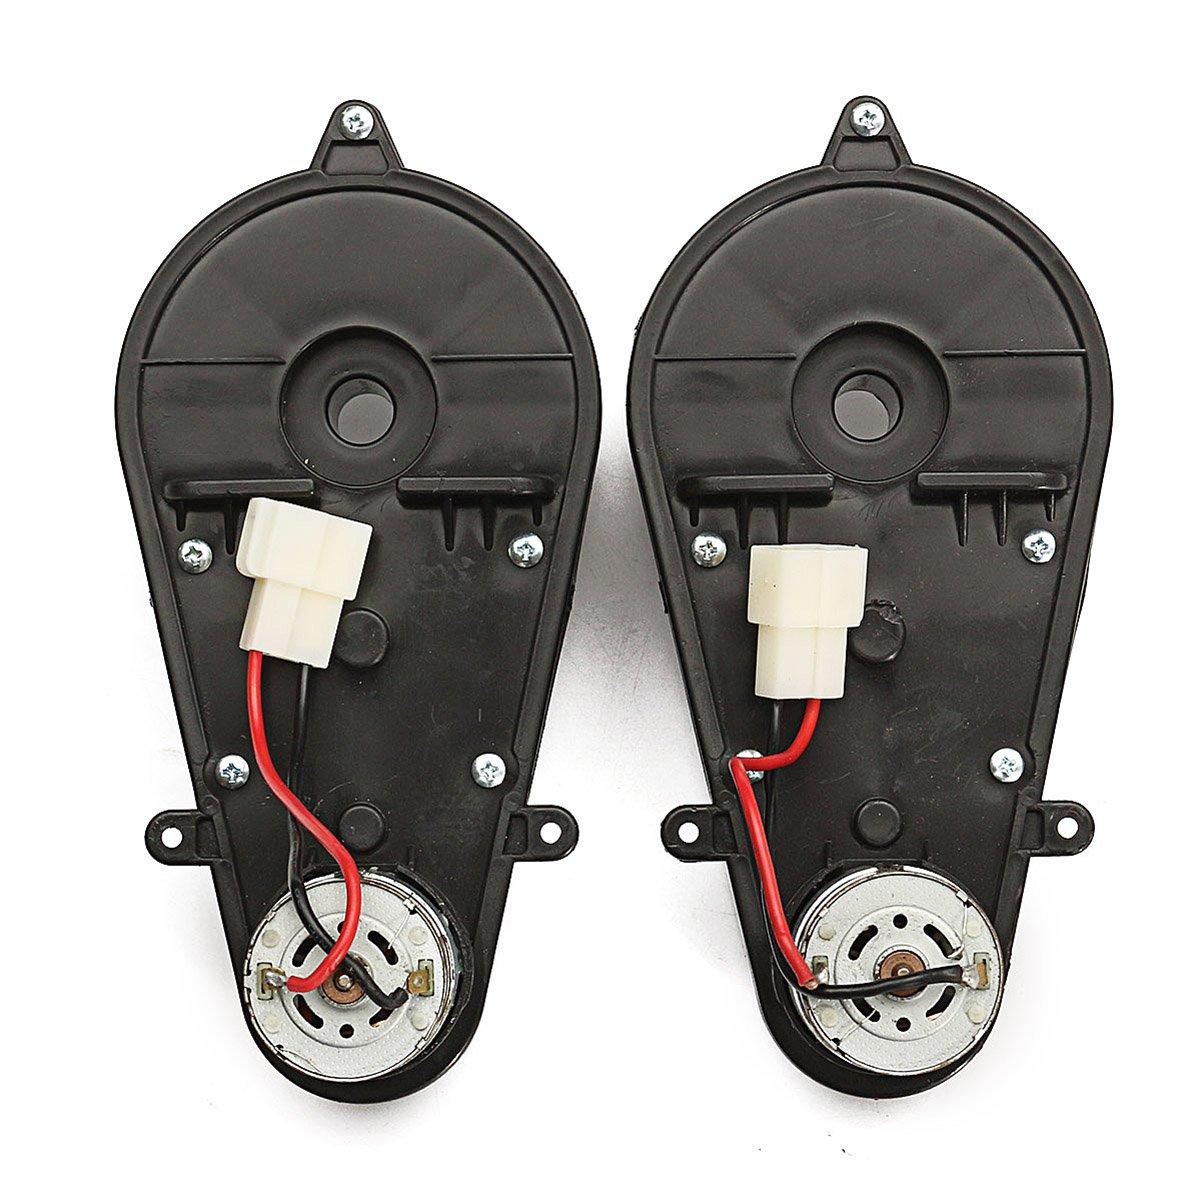 Alamor 12V 23000Rpm Elektrischer Motor Getriebekasten F/ür Kinder Fahren Auto Spielzeug Ersatzteil